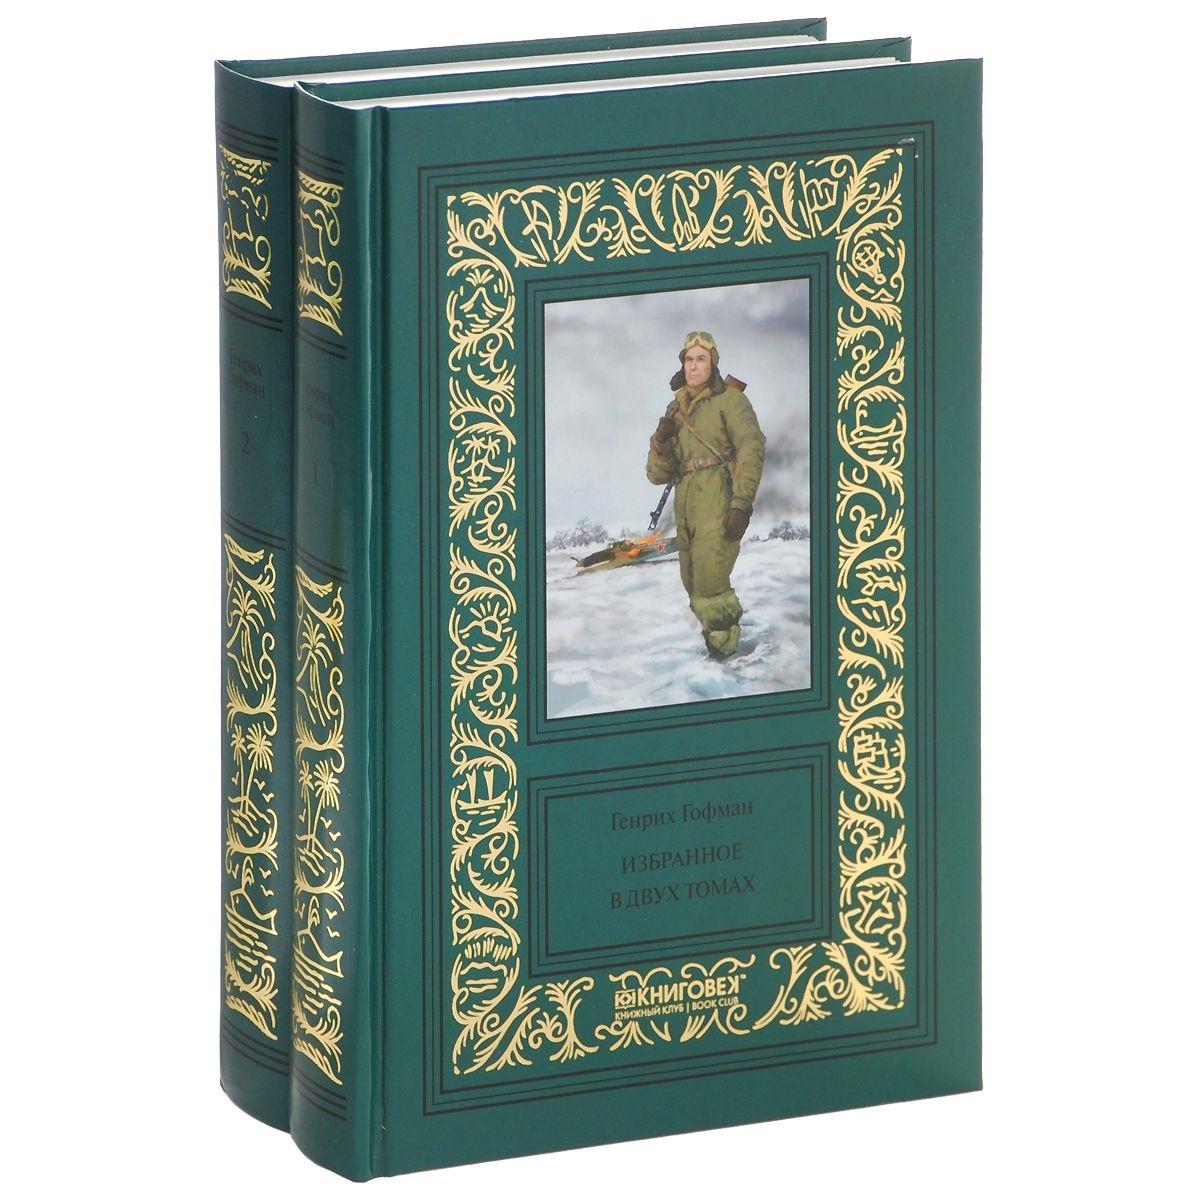 Гофман Г. Генрих Гофман. Избранное в двух томах (комплект из 2 книг)